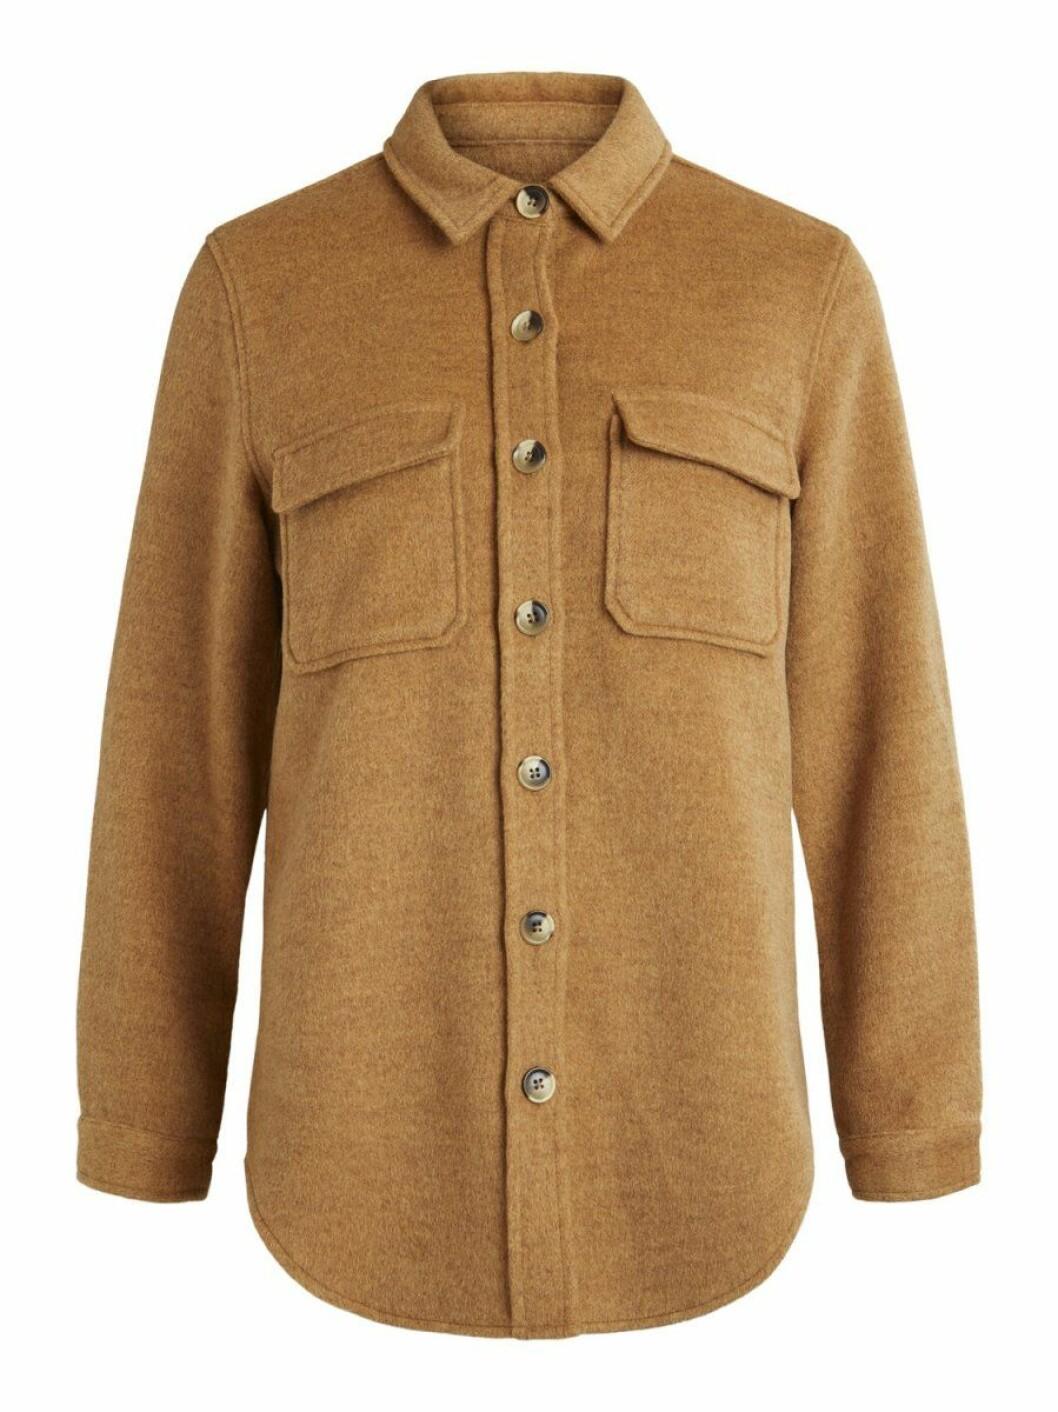 Brunbeige skjortjacka från Object collectors item.